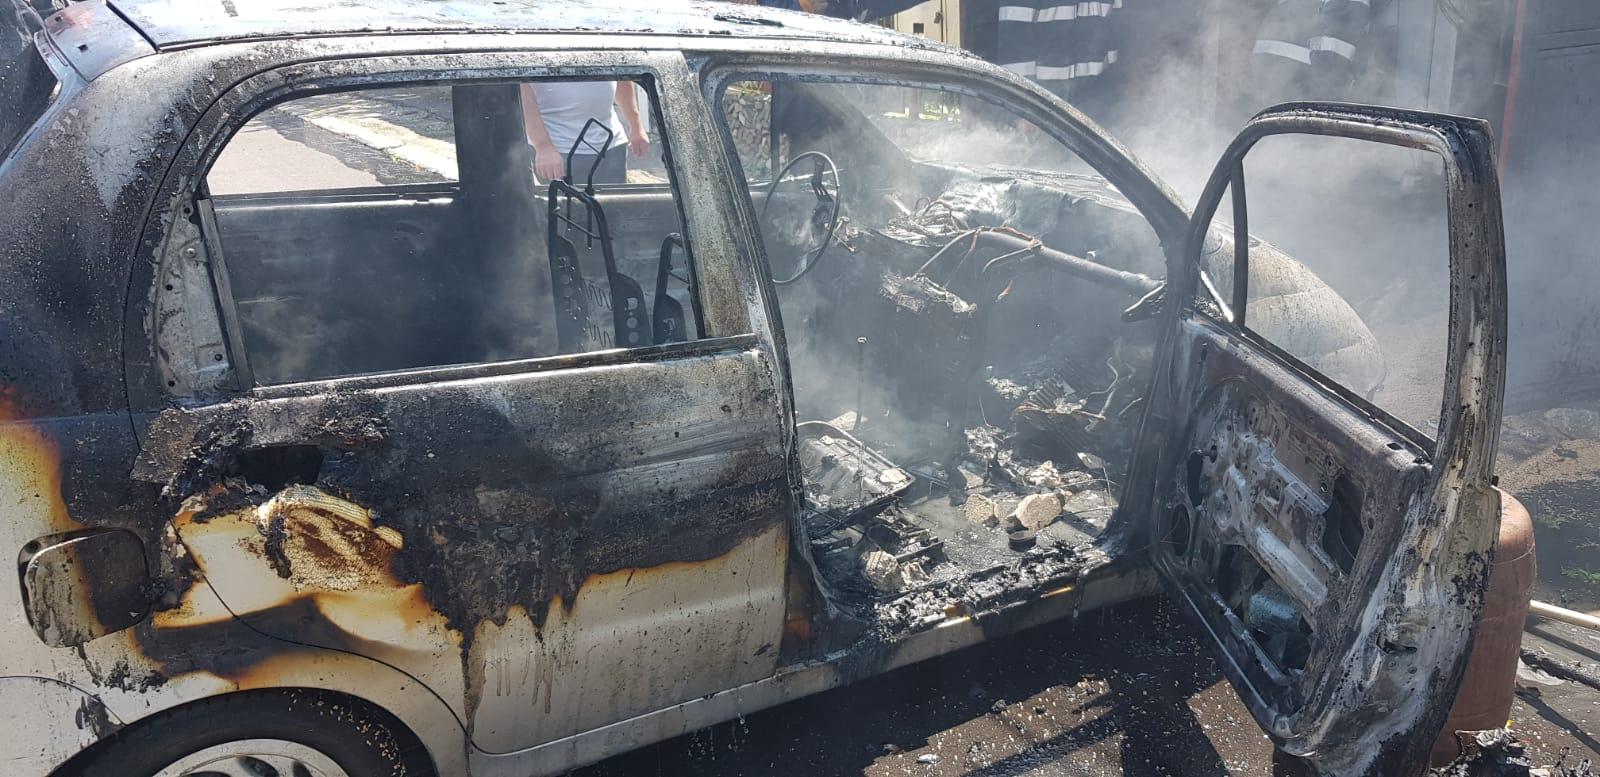 O fetiță a suferit arsuri, după ce o mașină a luat foc într-un garaj